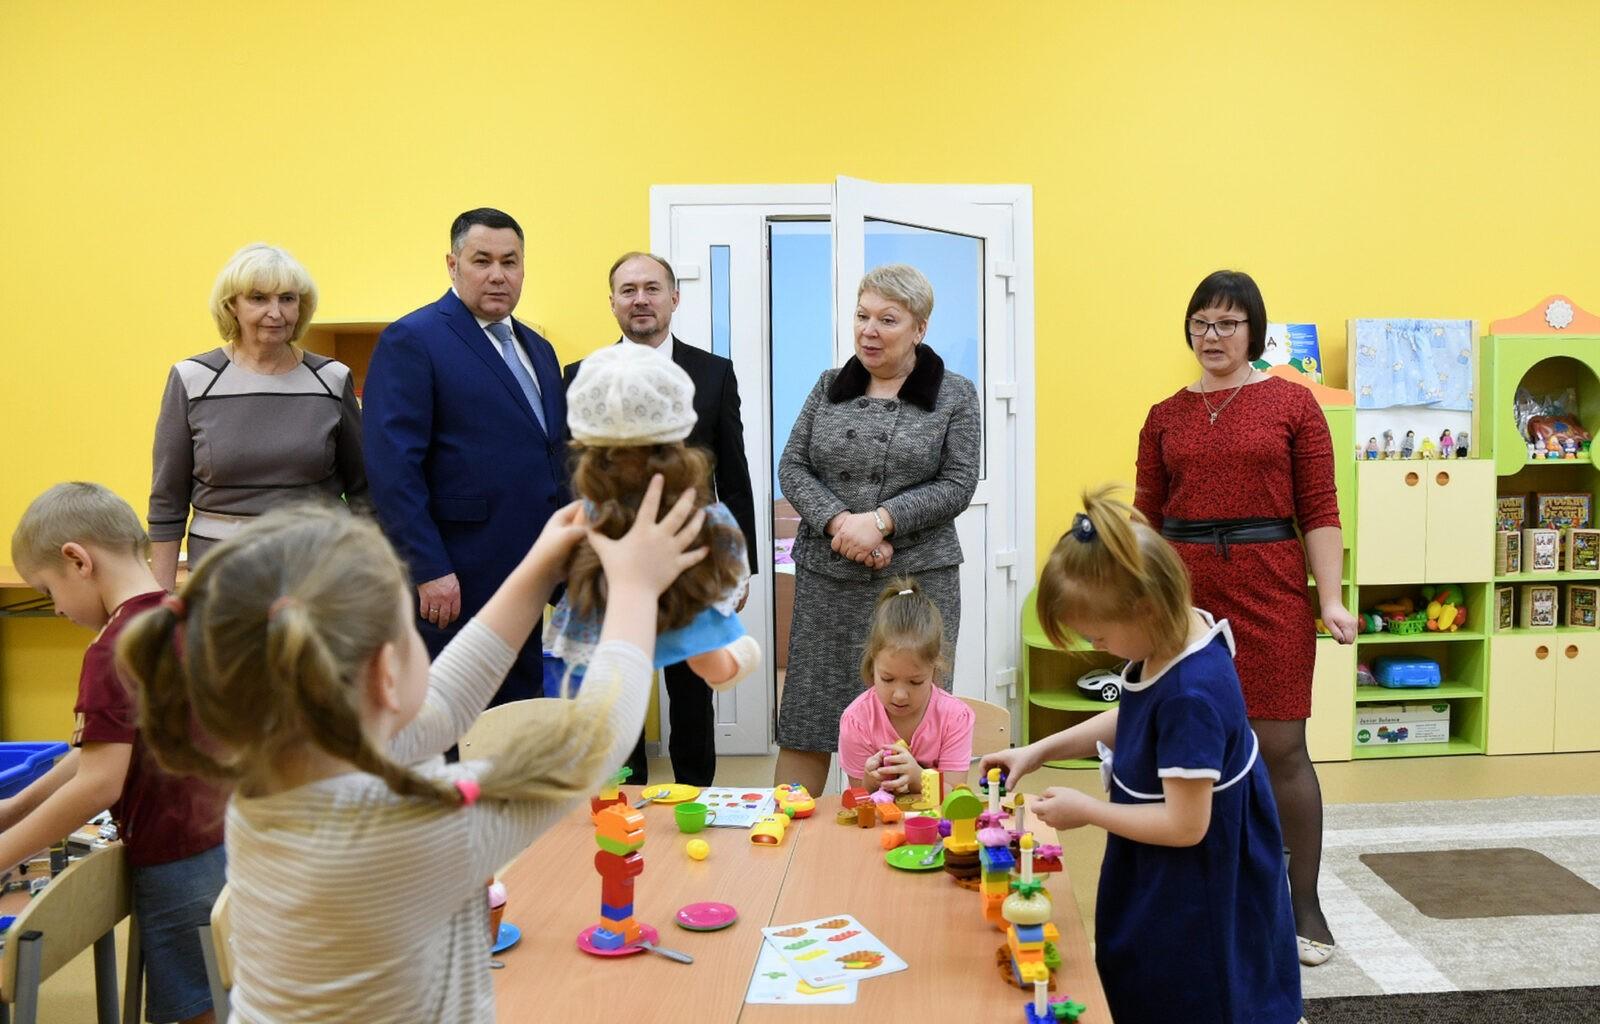 Игорь Руденя: с открытием школ и детских садов в муниципалитетах появляется молодежь, создаются рабочие места